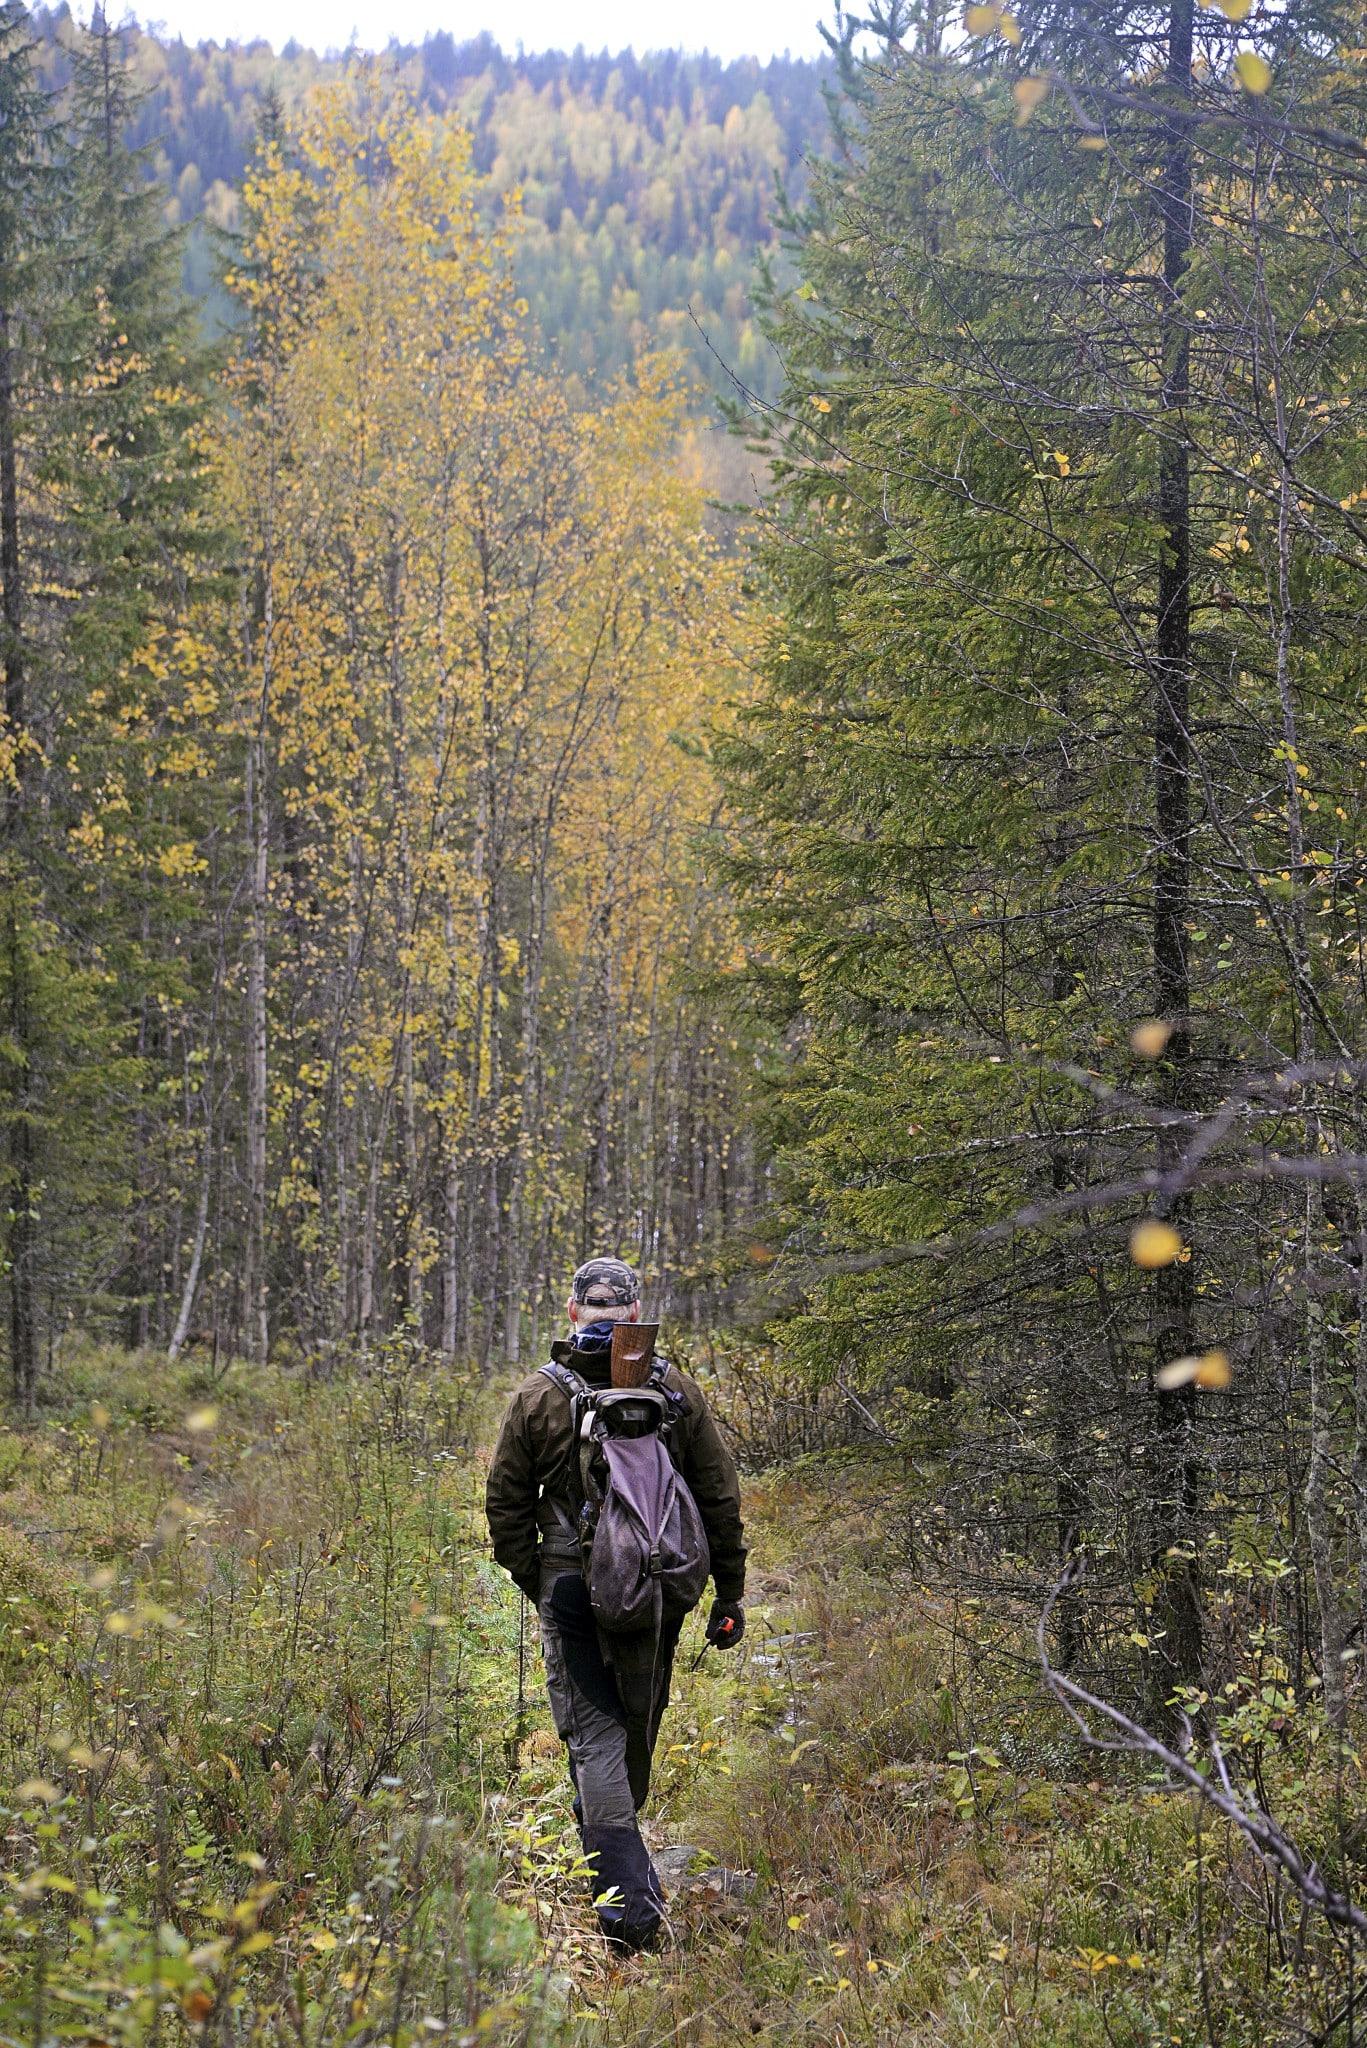 Du hittar järpen i den glesa granskogen, gärna med inslag av lövträd och bäckar eller åar. Bäst är jakten i slutet av september till mitten av oktober. I alla fall i norra Sverige.